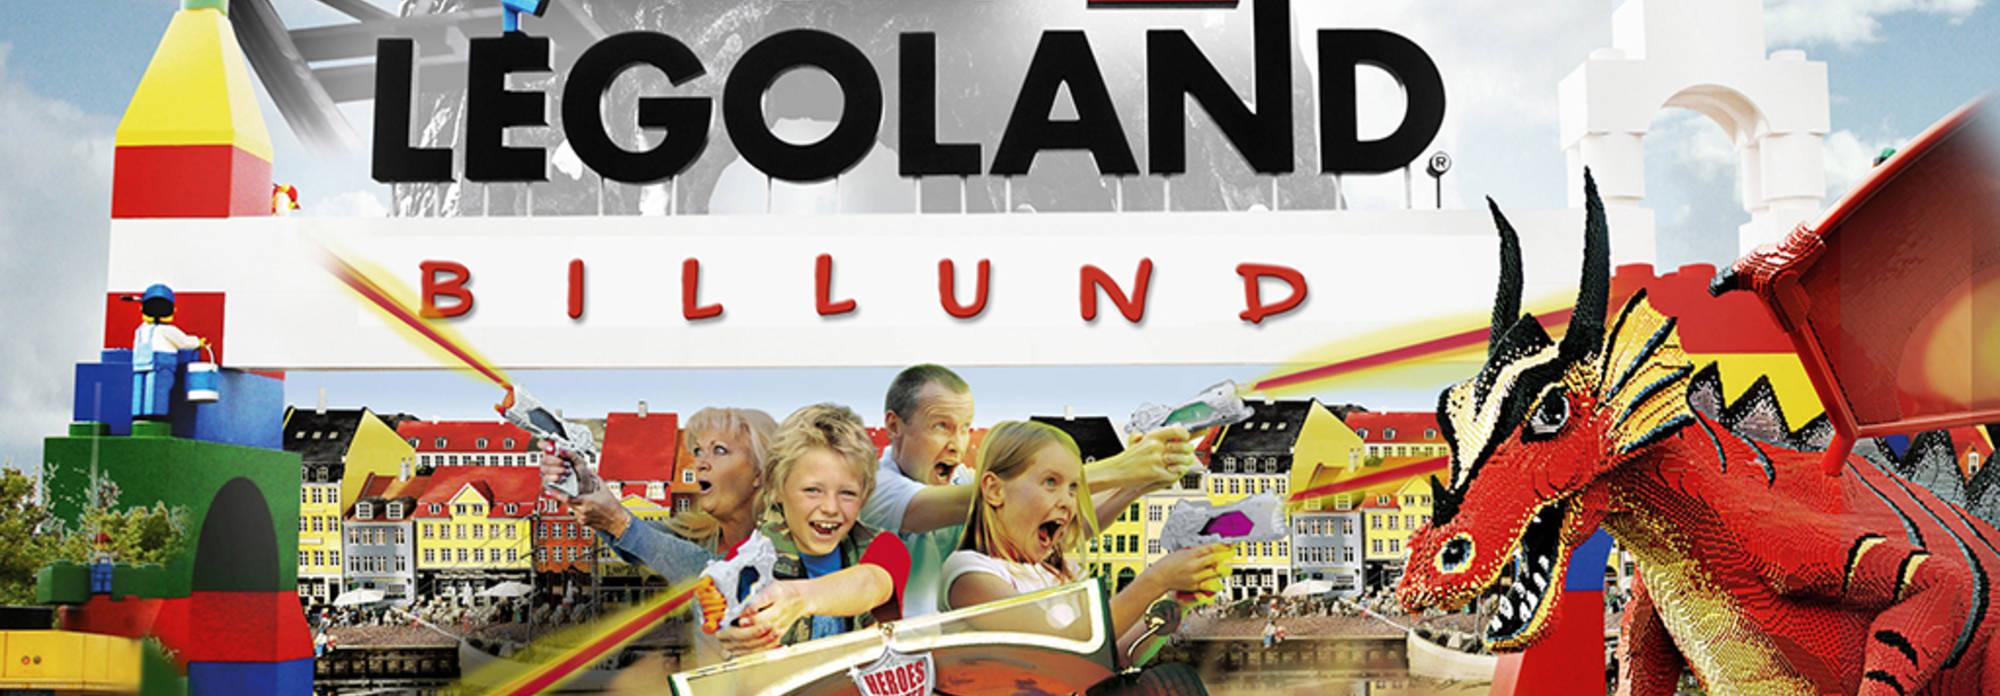 Legoland Denemarken ontdekken met de beste reisorganisatie ...